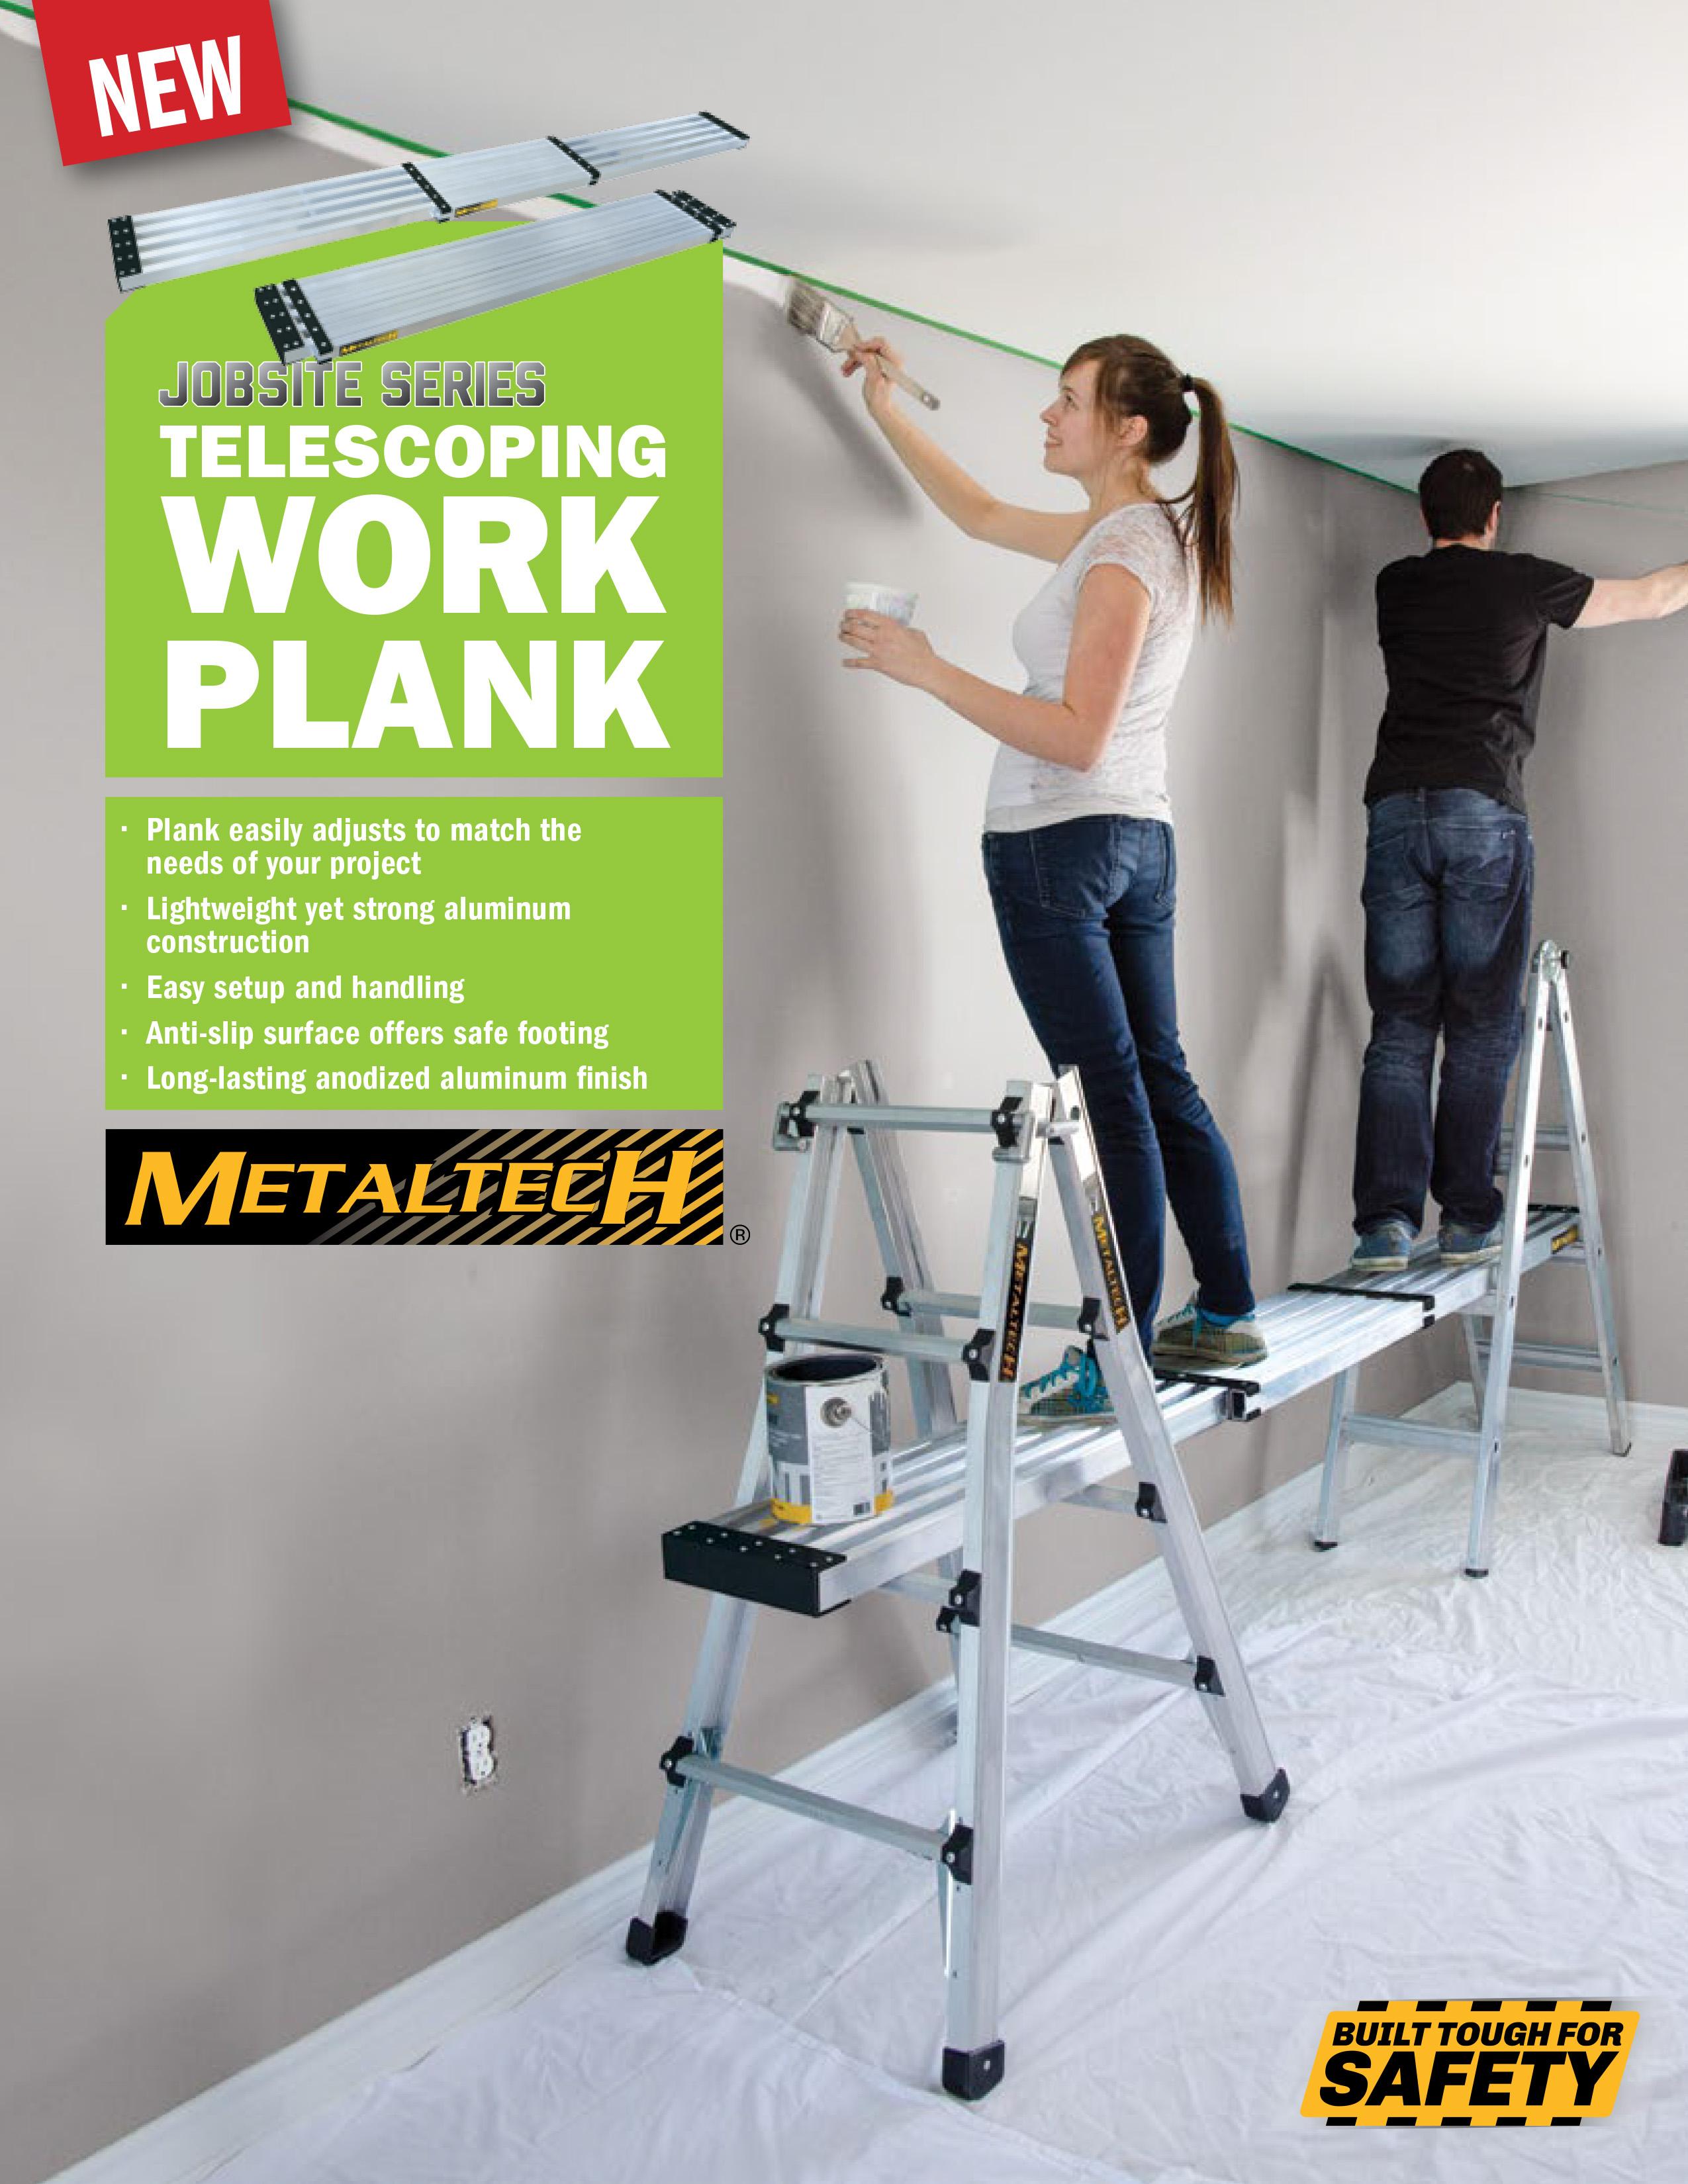 metaltech-telescoping-work-plank-1.jpg